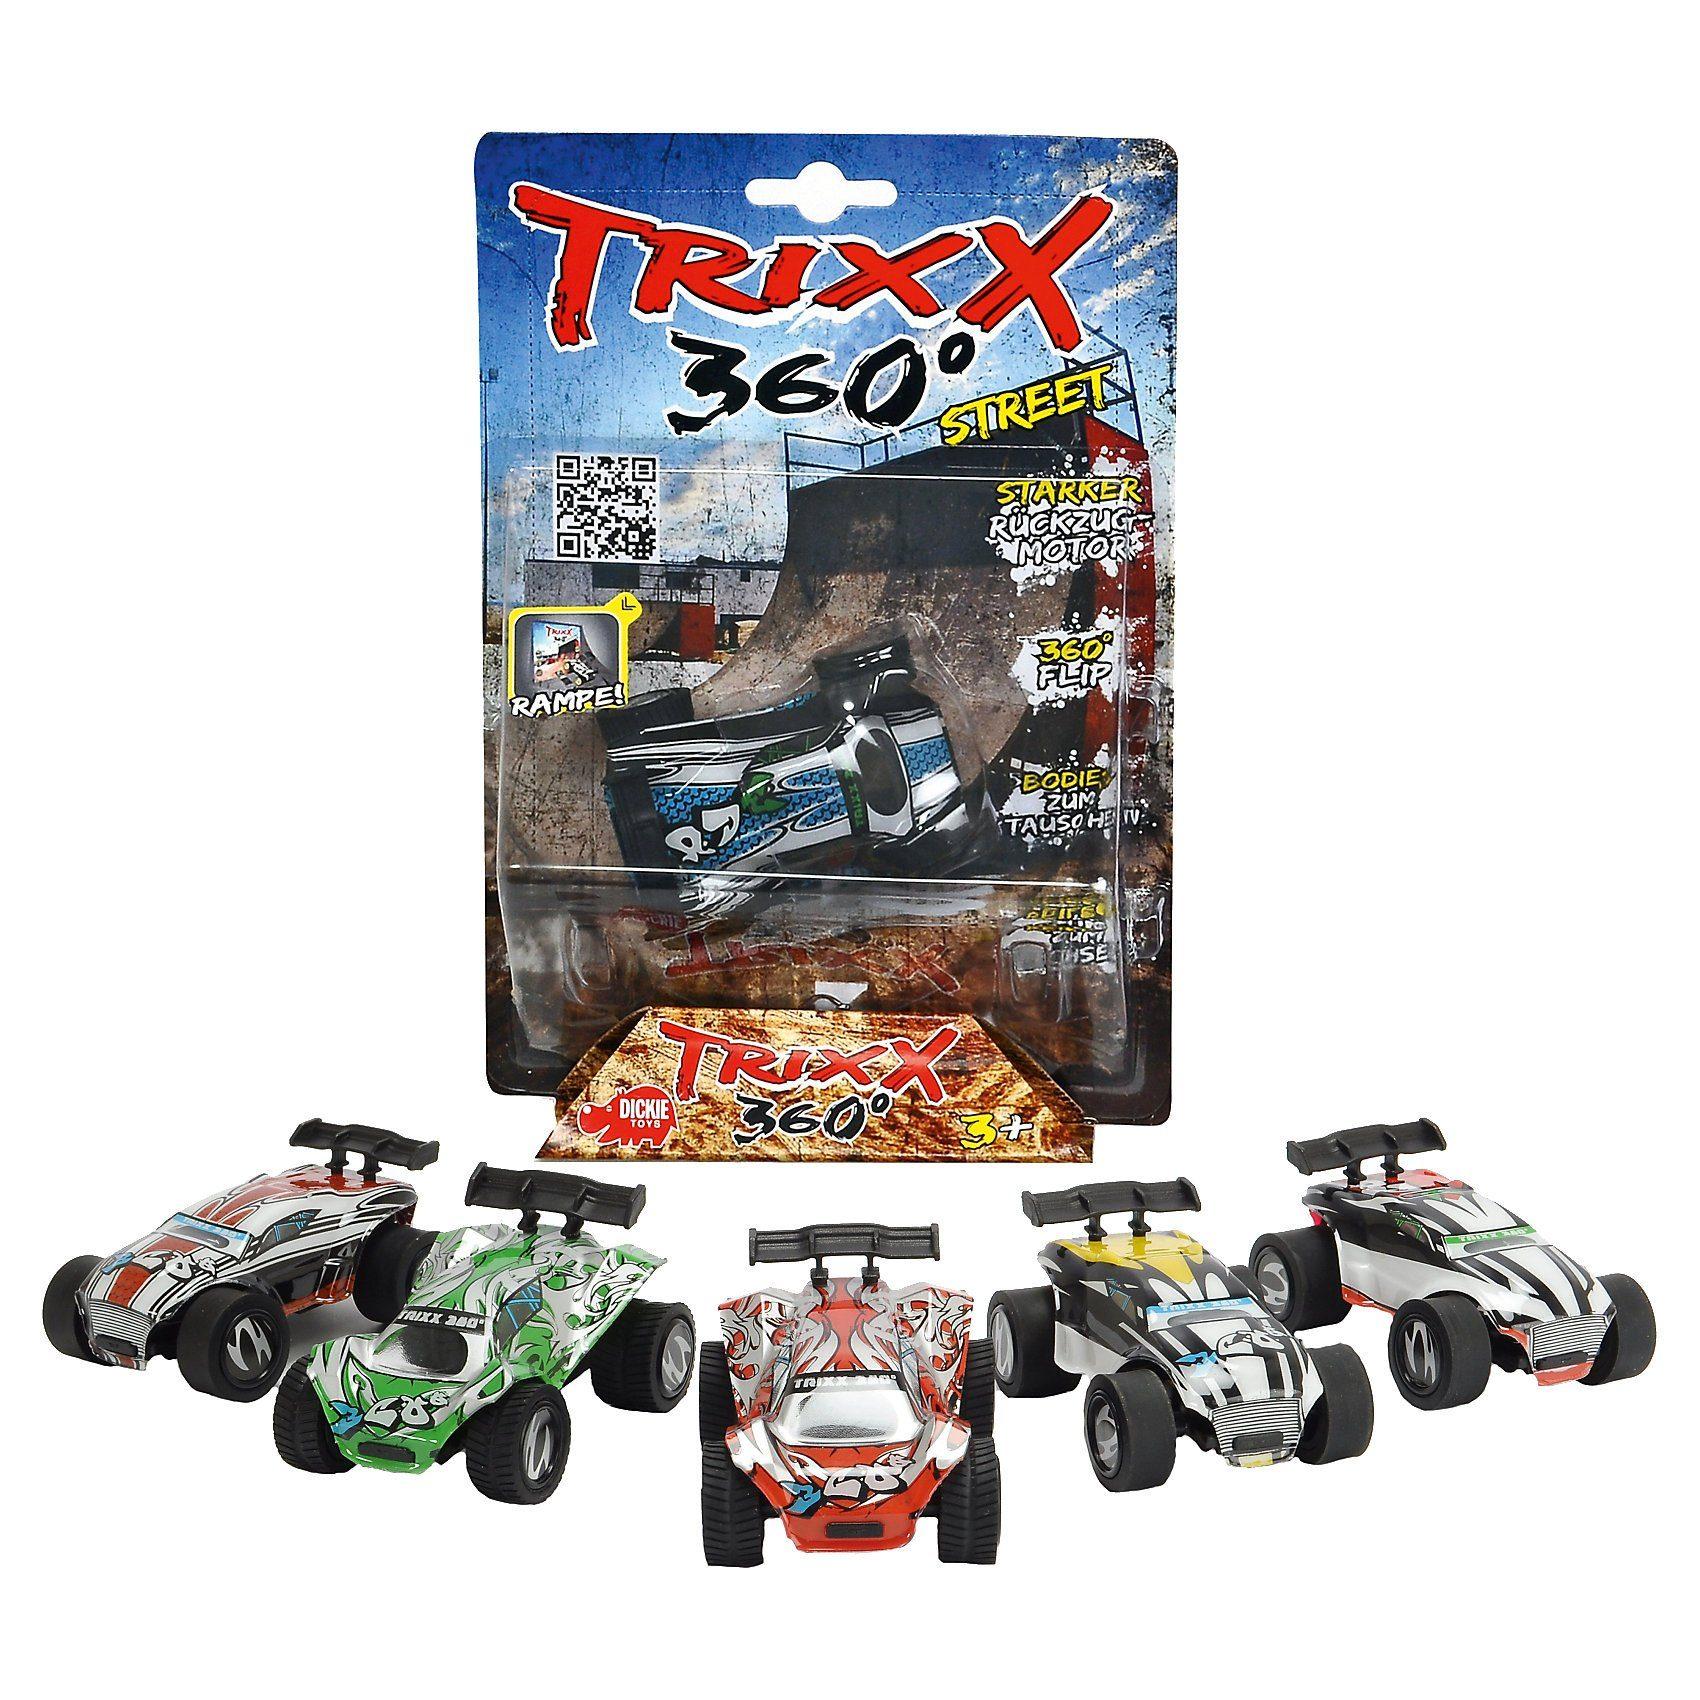 Dickie Toys TRXX01 Trixx 360 - Short Ramp